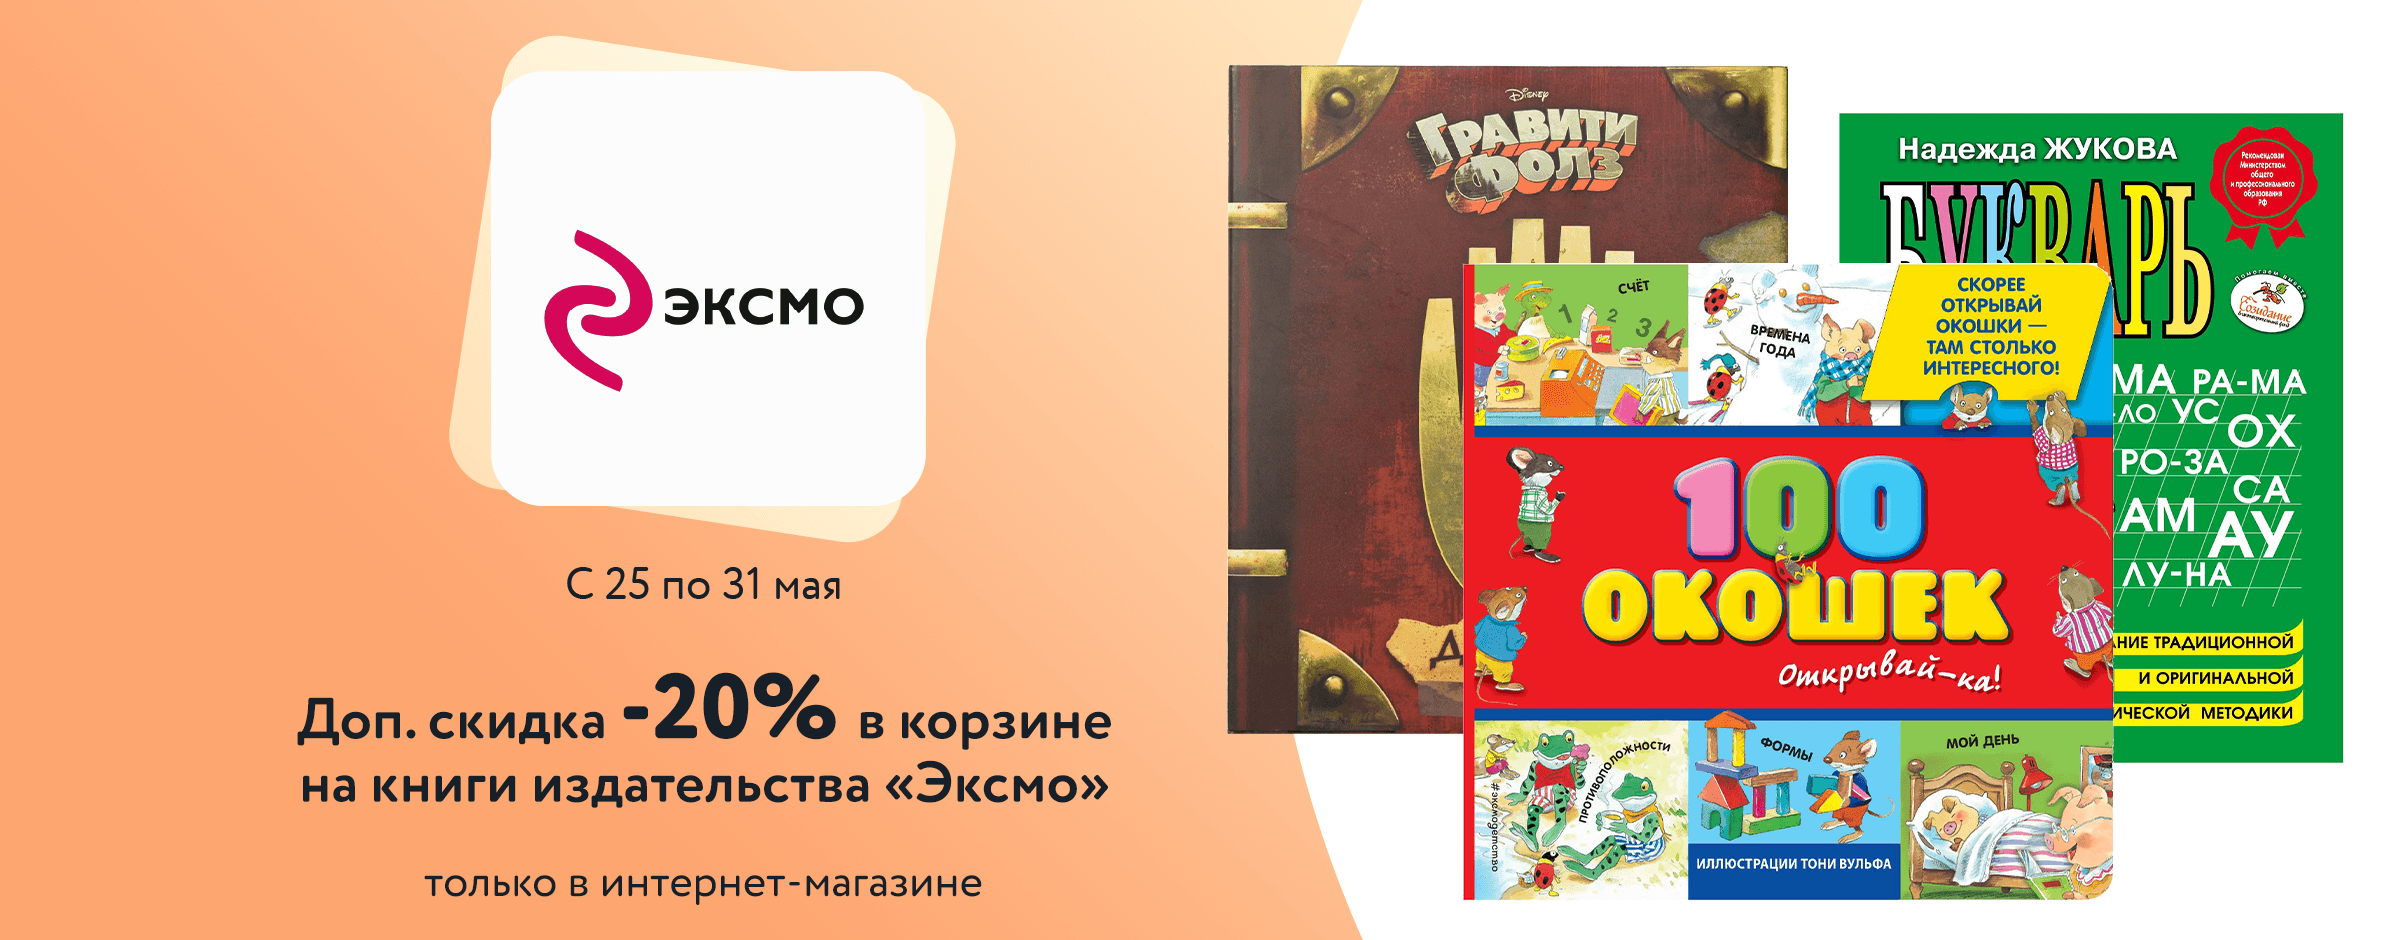 20% на книги издательства Эксмо в корзине